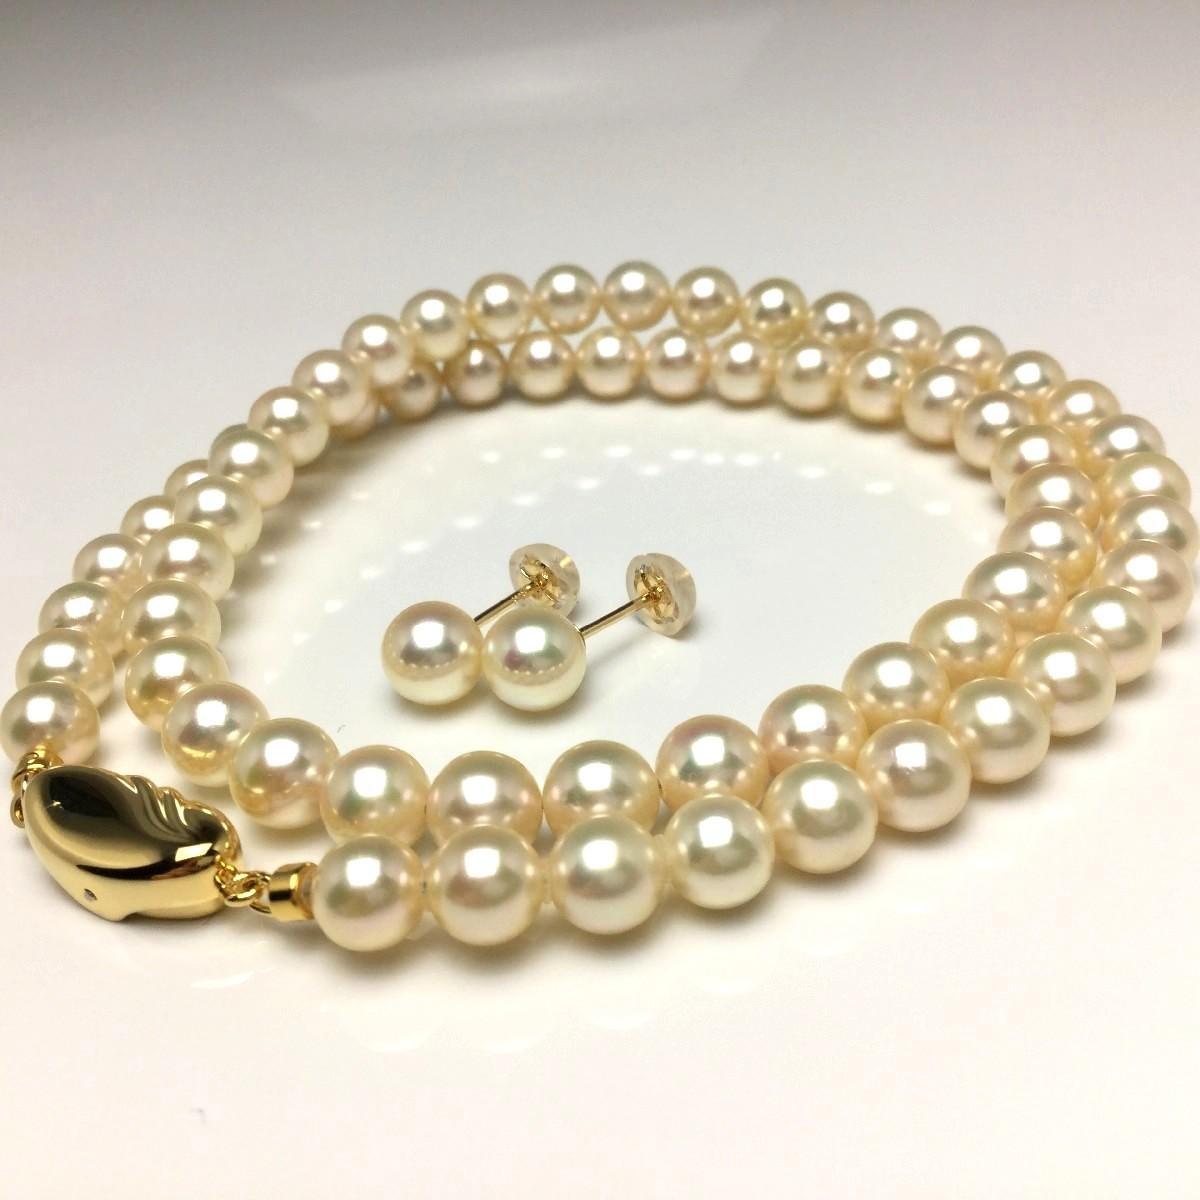 真珠 ネックレス パール アコヤ真珠 ピアス セット 6.0-6.5mm シャンパンゴールド シルバー クラスップ 67046 イソワパール